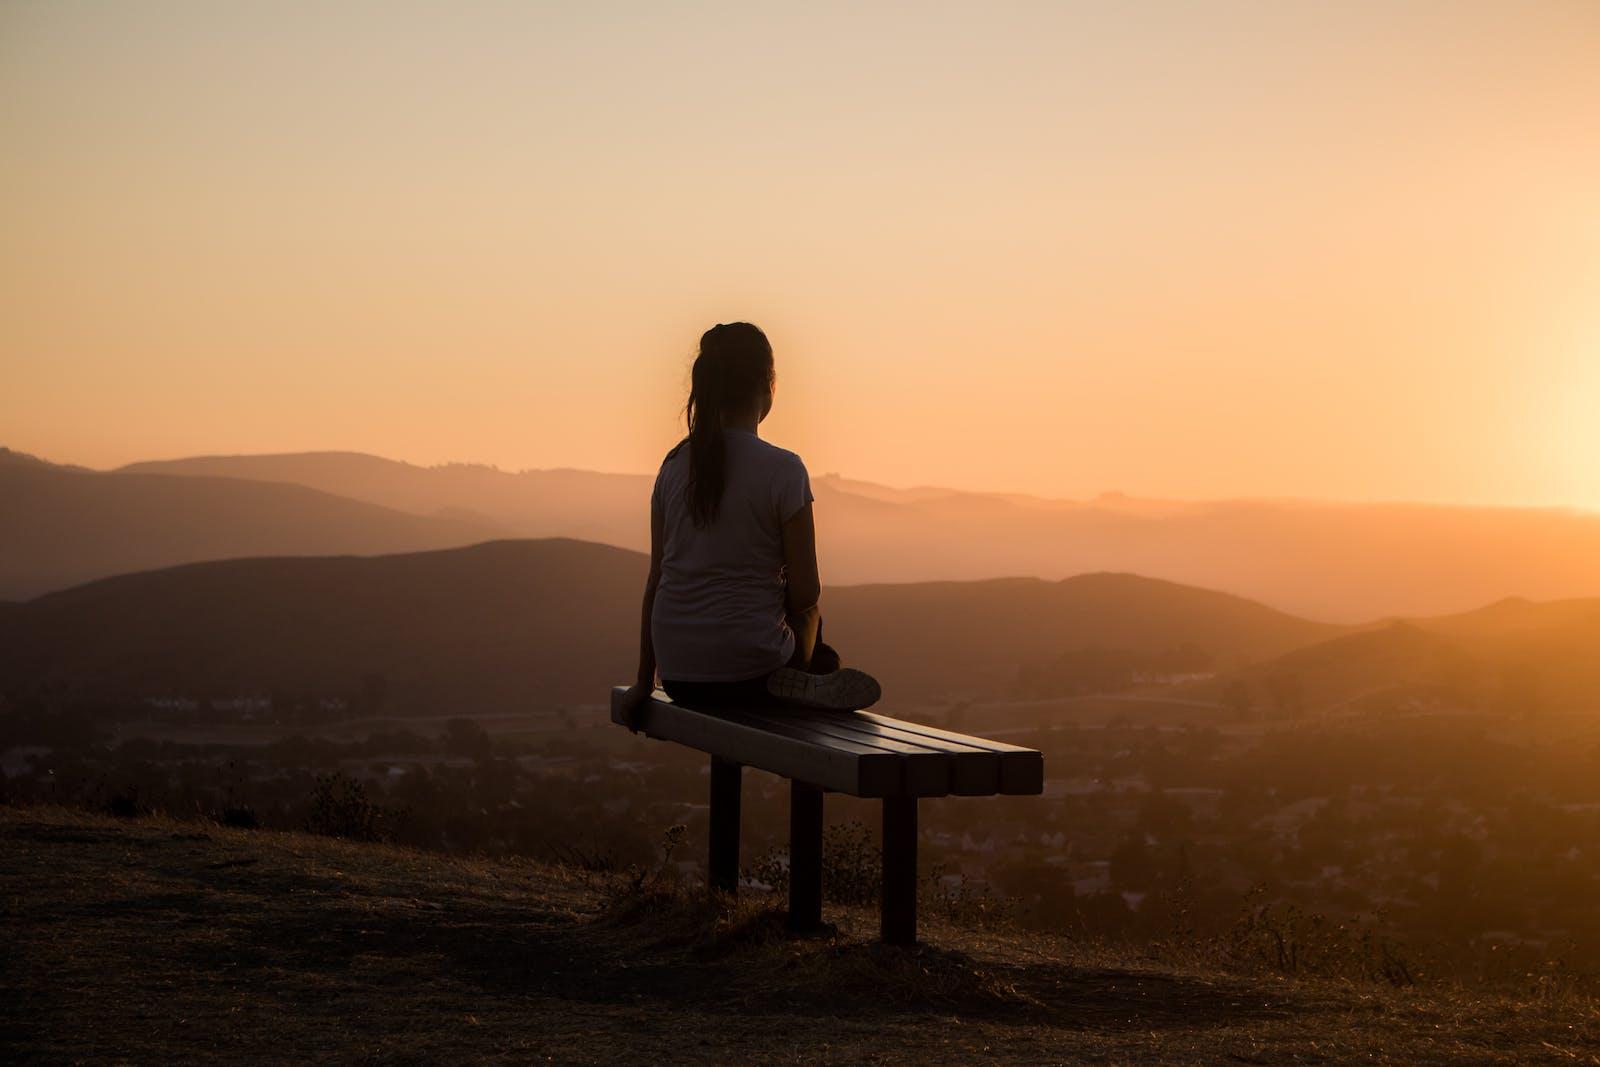 Fréquence élevée de guérison. Énergie LaHoChi. Paix intérieure, harmonie et sérénité.